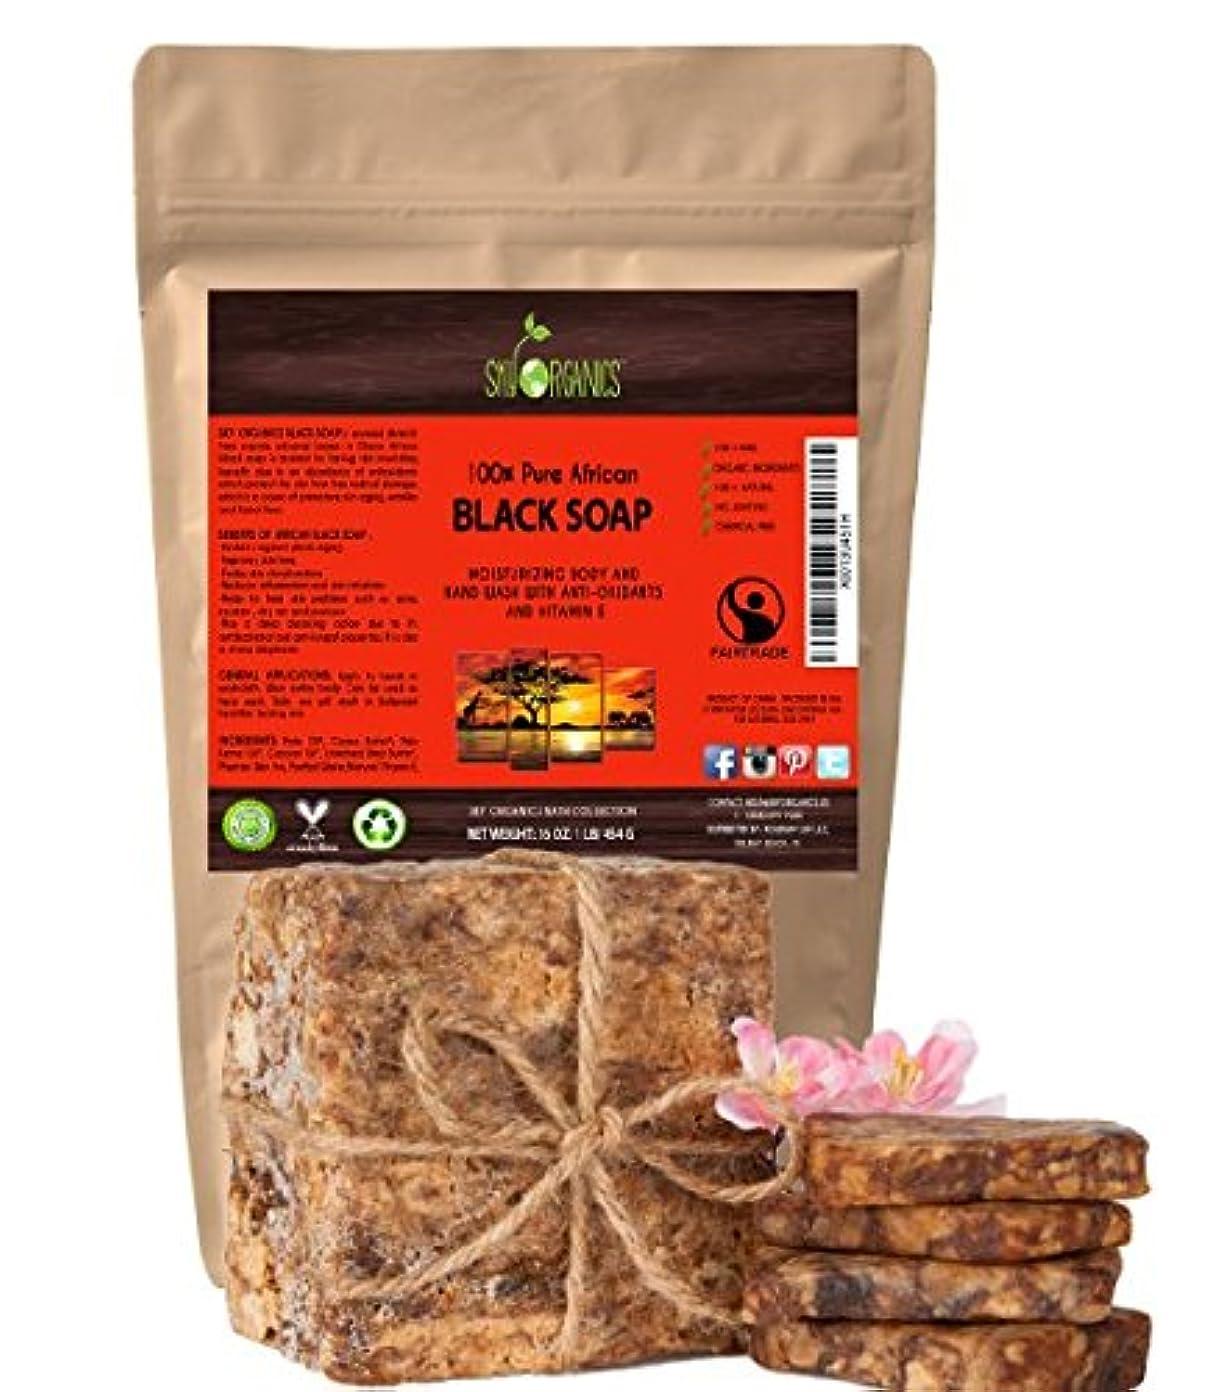 チャップめ言葉呪い切って使う オーガニック アフリカン ブラックソープ (約4563gブロック)Organic African Black Soap (16oz block) - Raw Organic Soap Ideal for Acne...